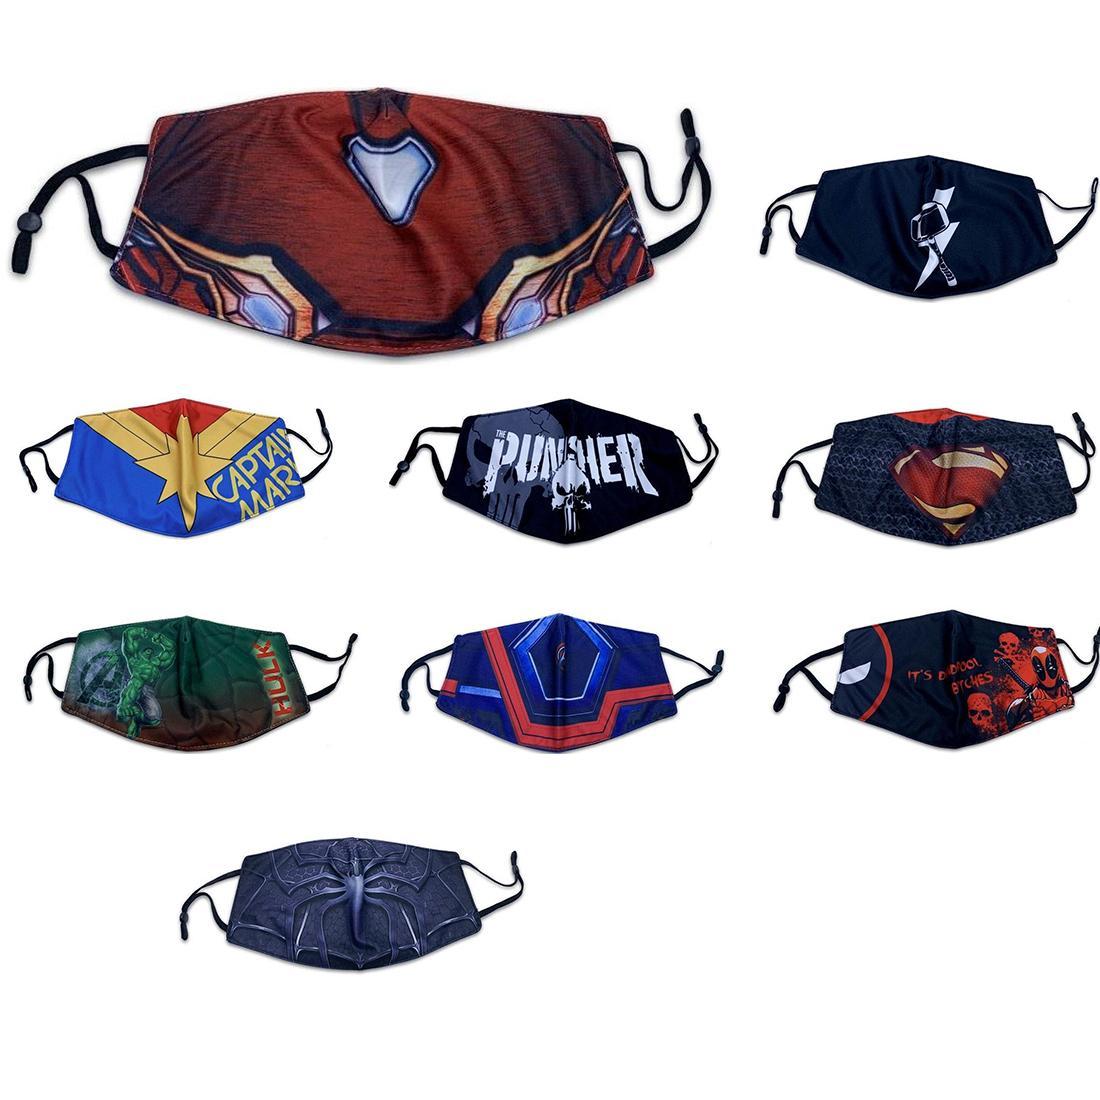 progettista della maschera di protezione maschere Adulti protezione cavalcata nuovo Spiderman Batman supereroe Captain maschera ameican punire Deadpool seta del ghiaccio di estate